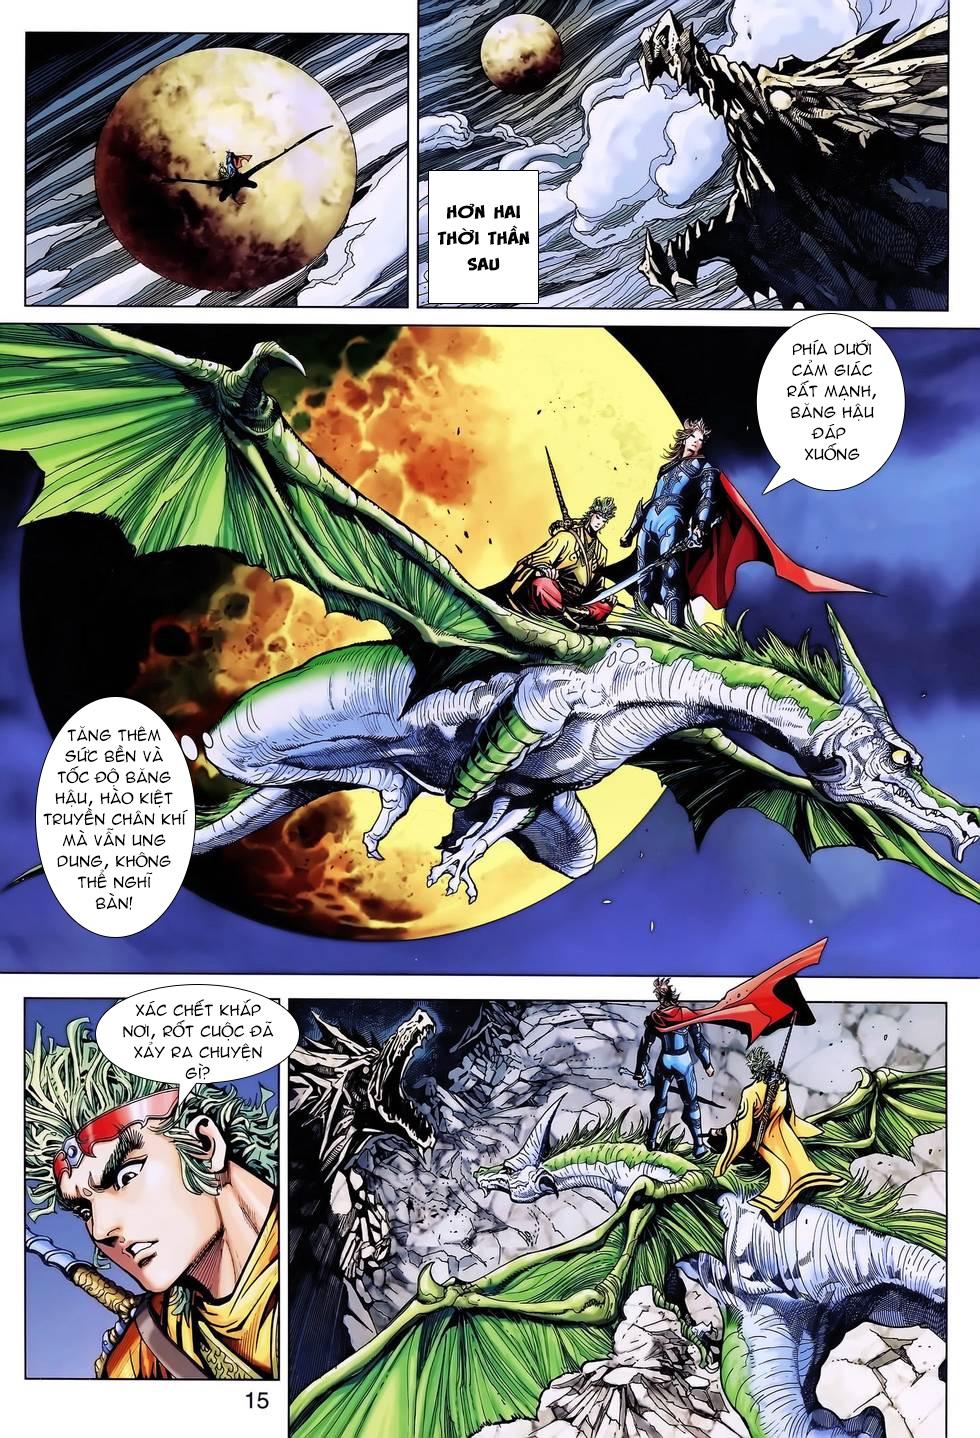 Thần binh huyền kỳ 3 - 3.5 tập 172 - 2